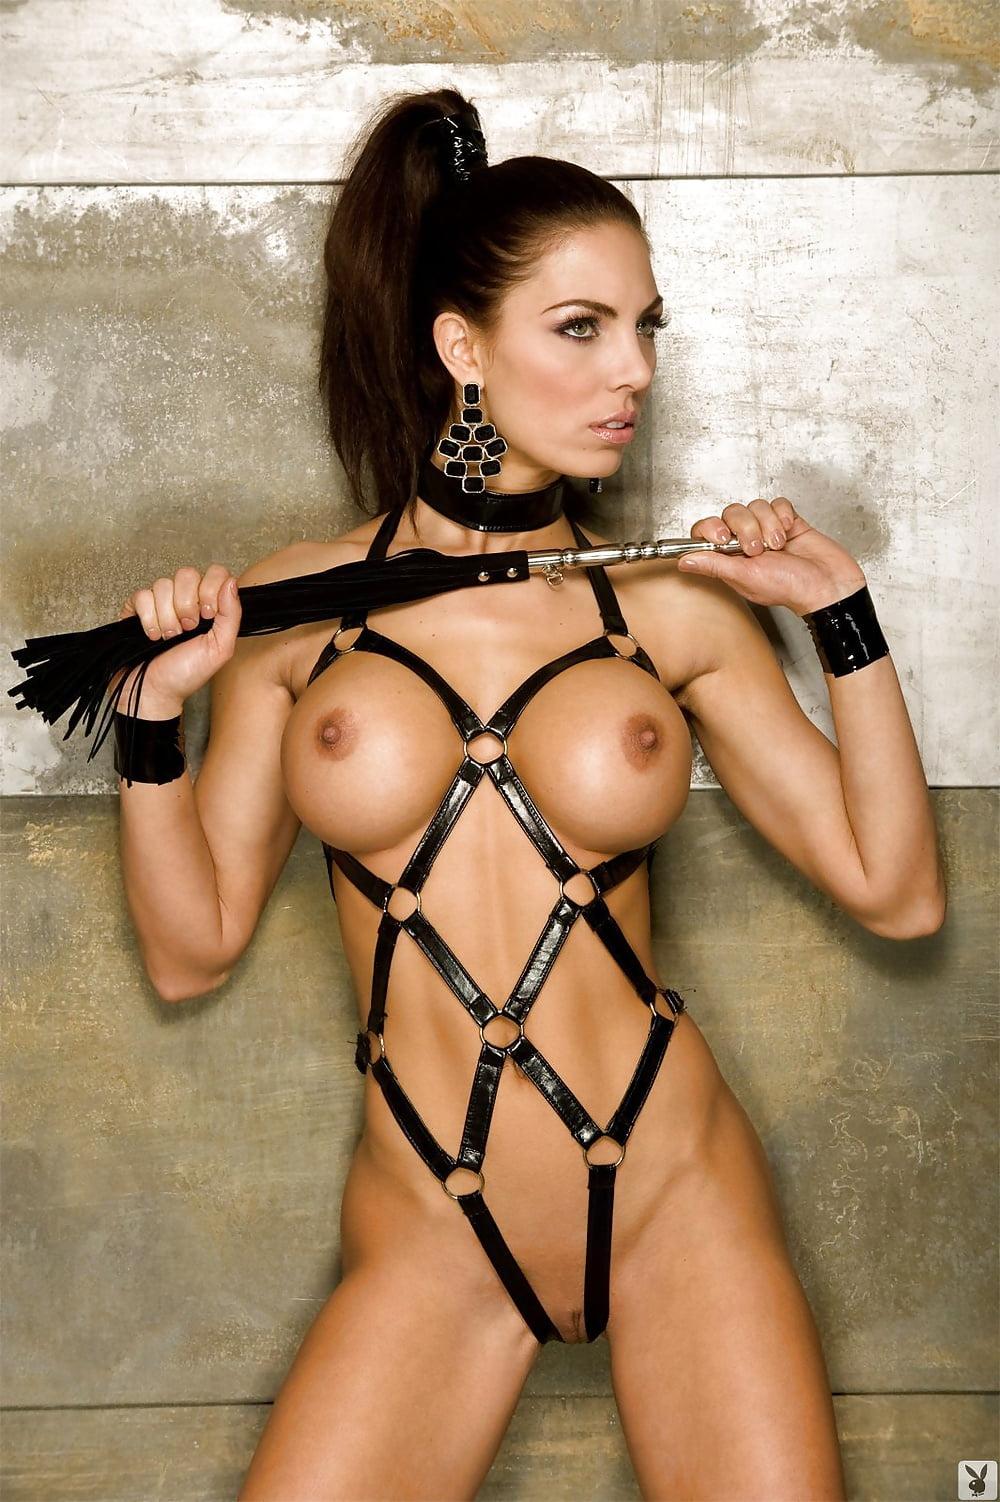 Naked salma hayek in bondage chested